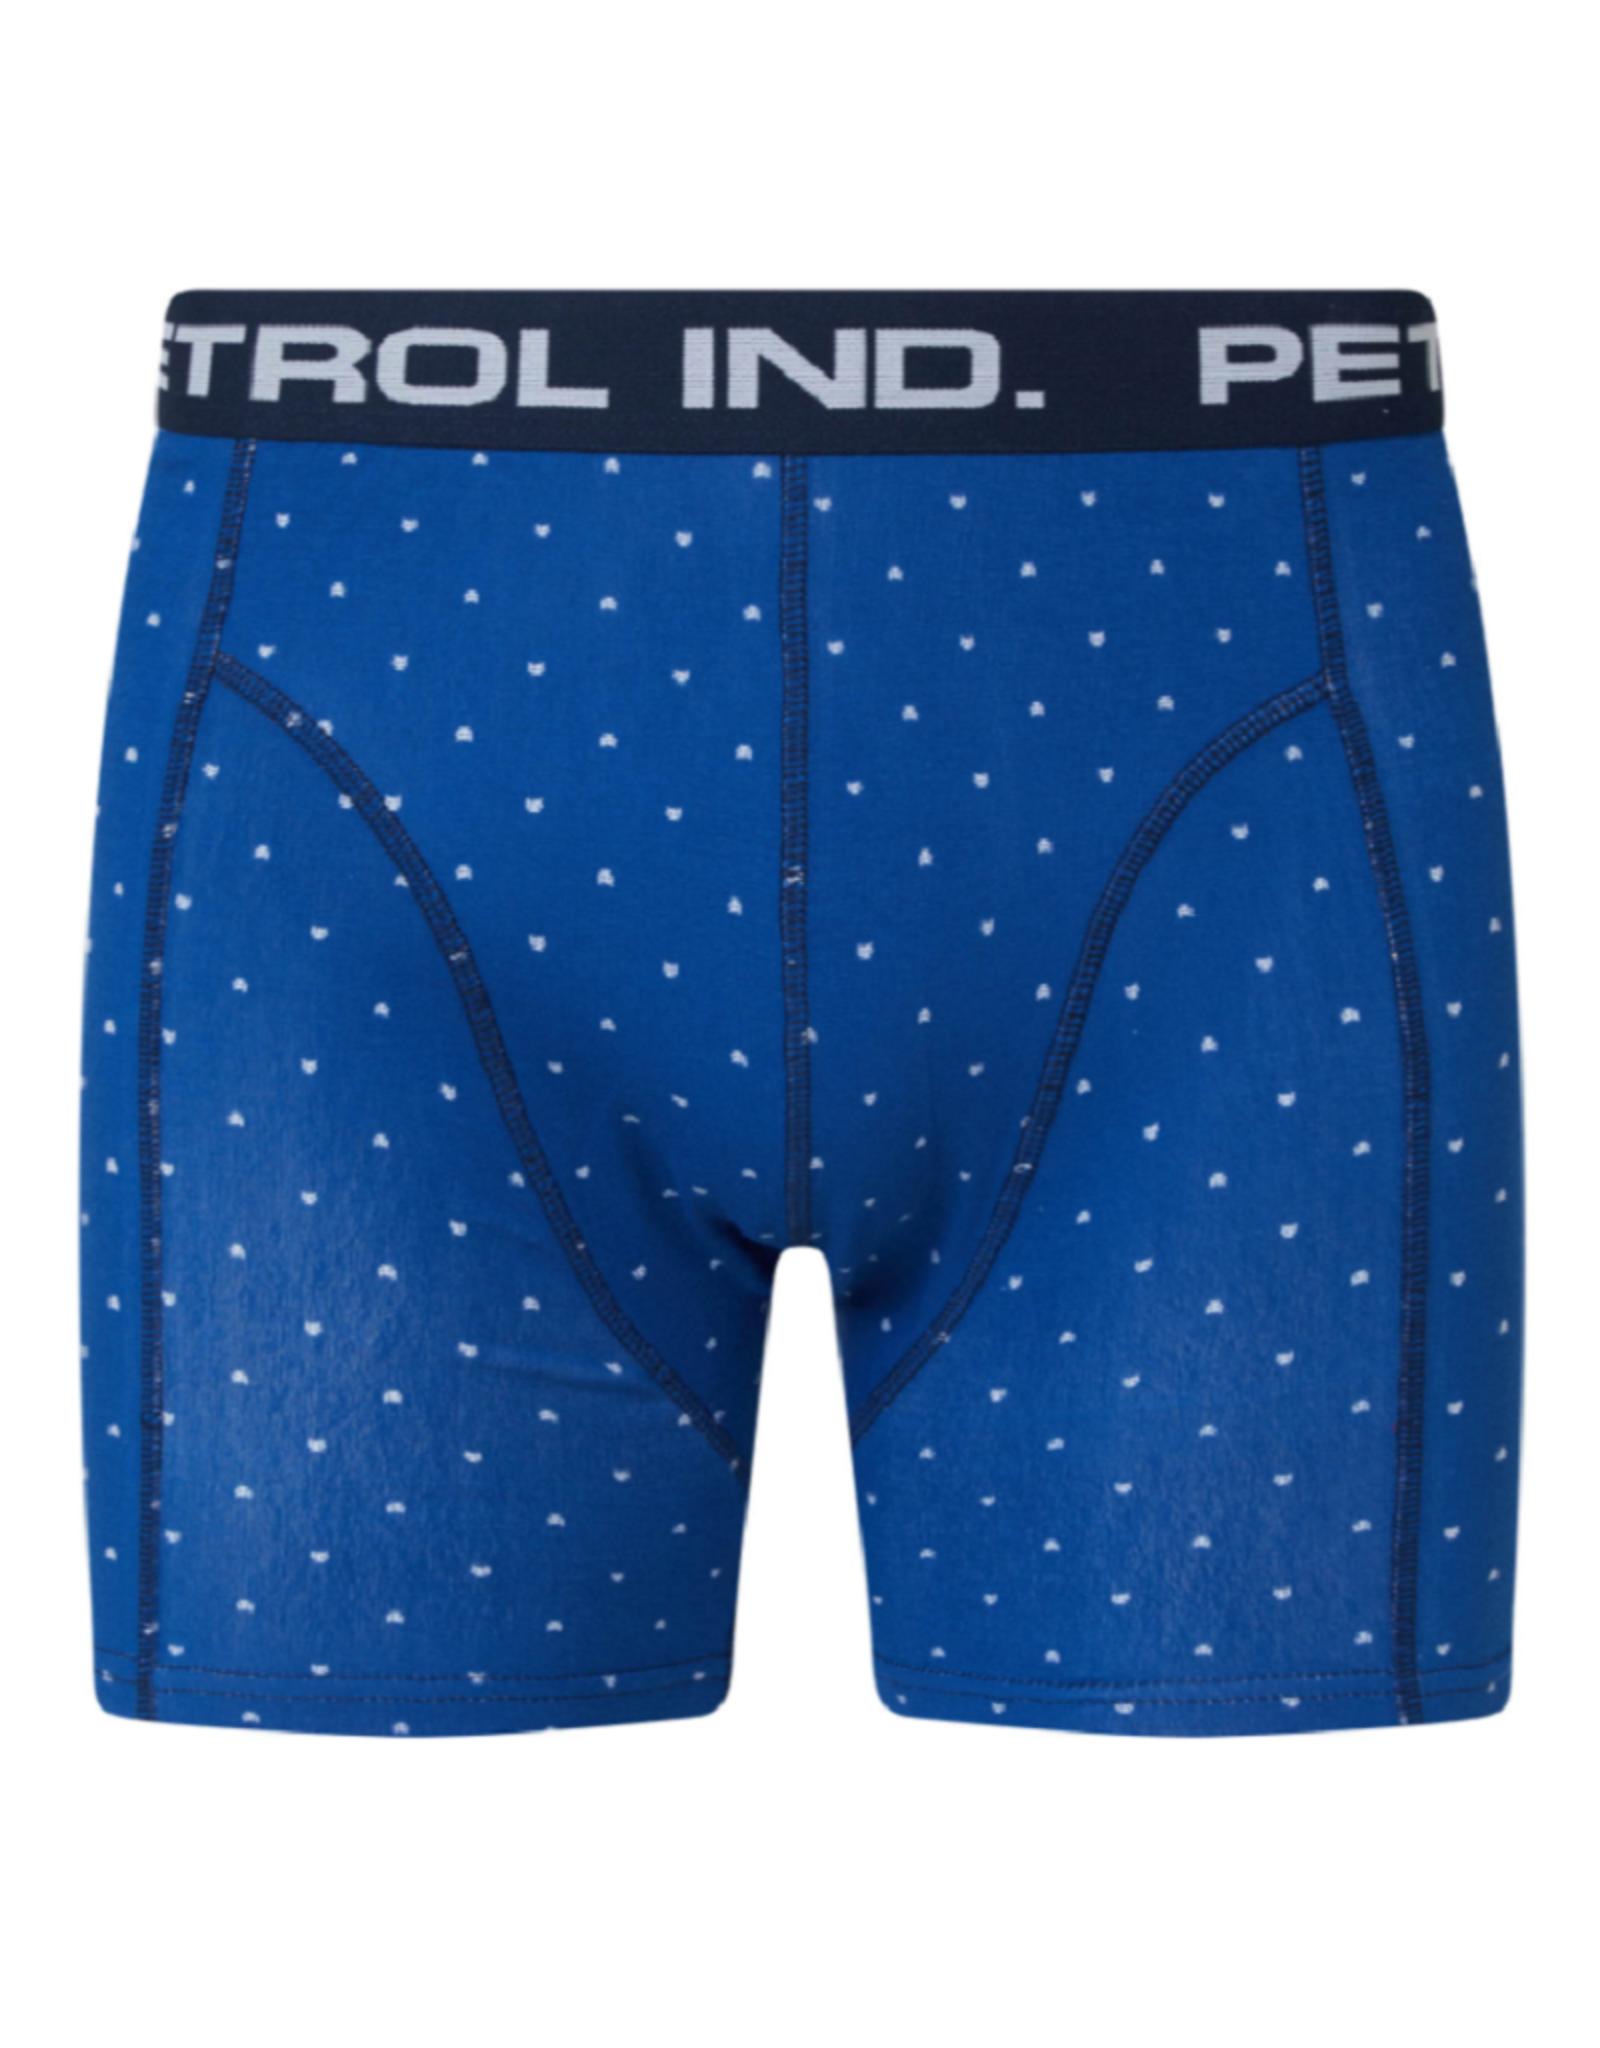 Petrol Ind. Petrol boxershort BXR005  Imperial blue